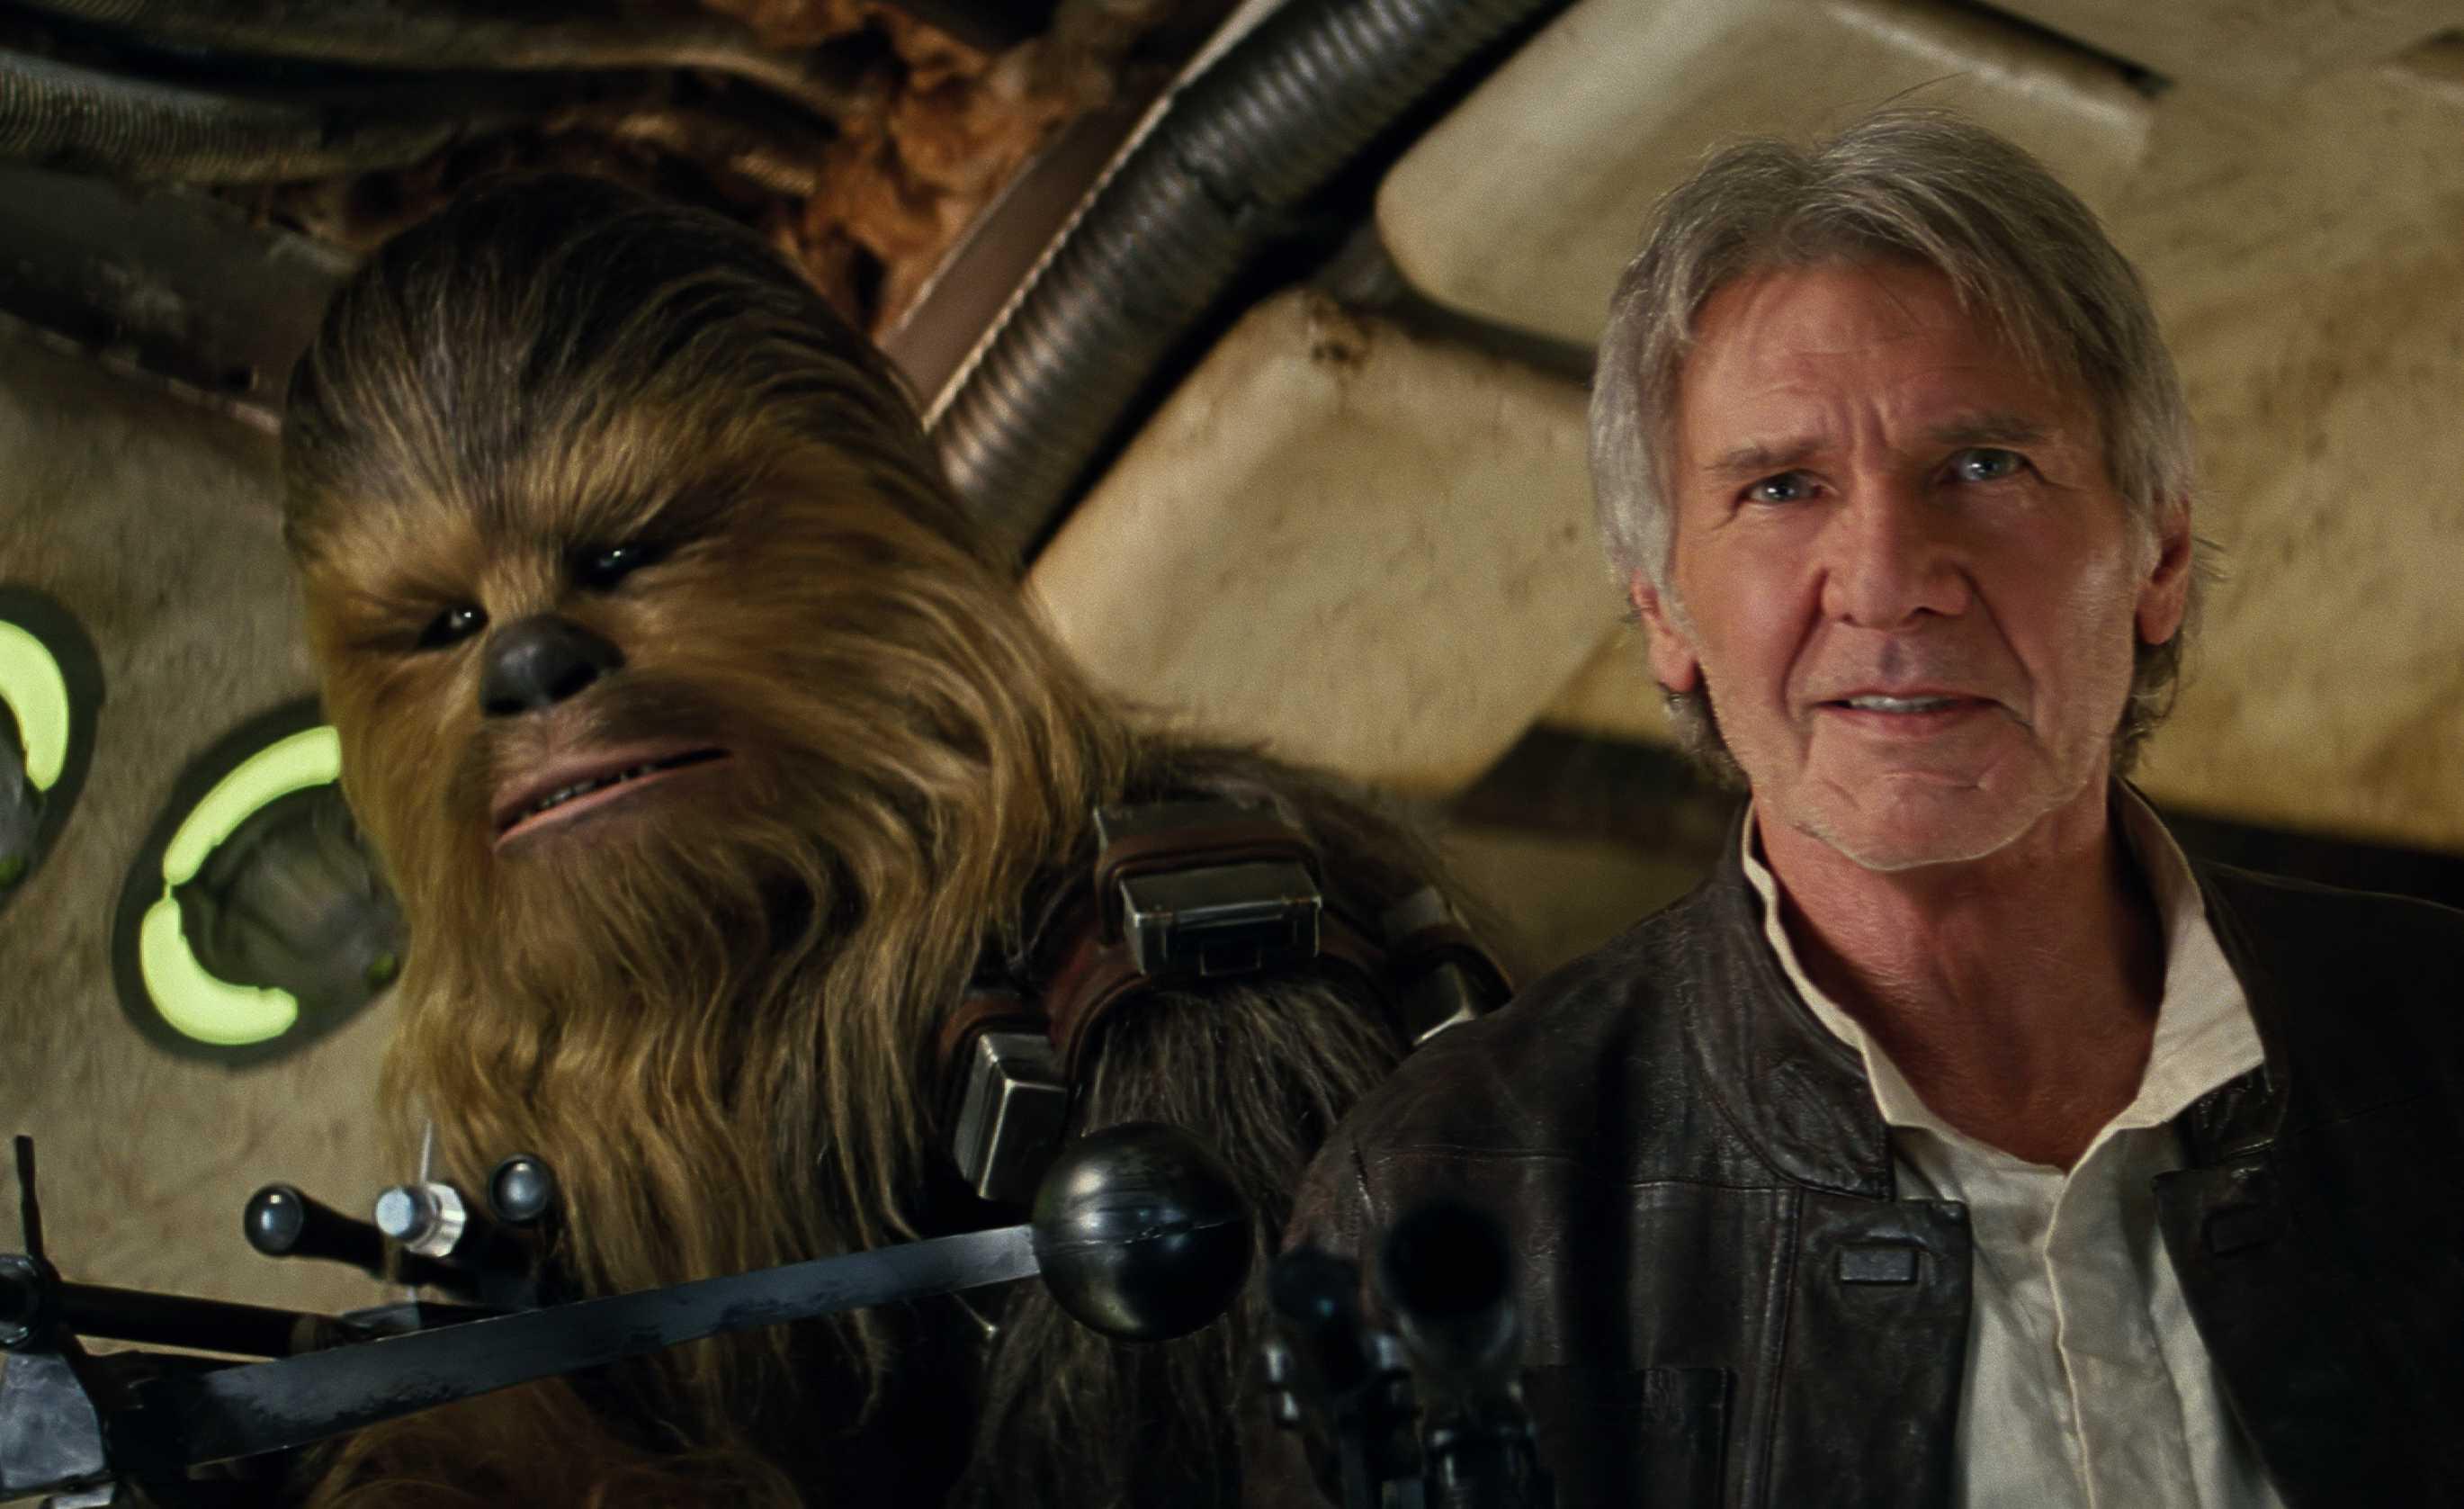 La NASA n'a pas hésité à mettre Harrison Ford sur son site web pour promouvoir l'appel à candidature de ses astronautes (Lucasfilm)